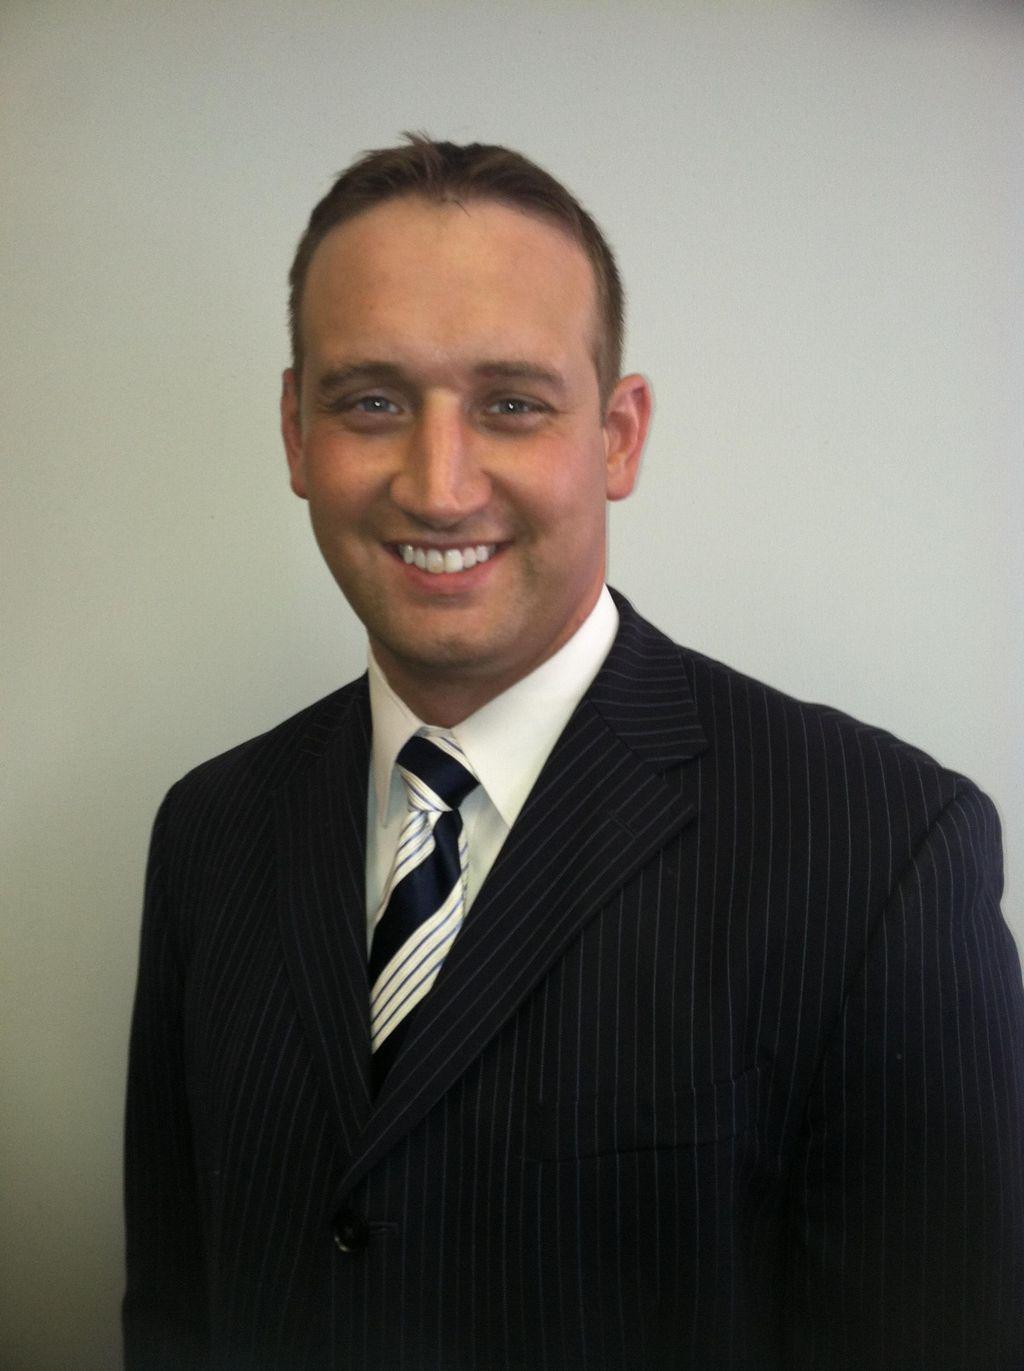 Joseph Hada, Attorney at Law